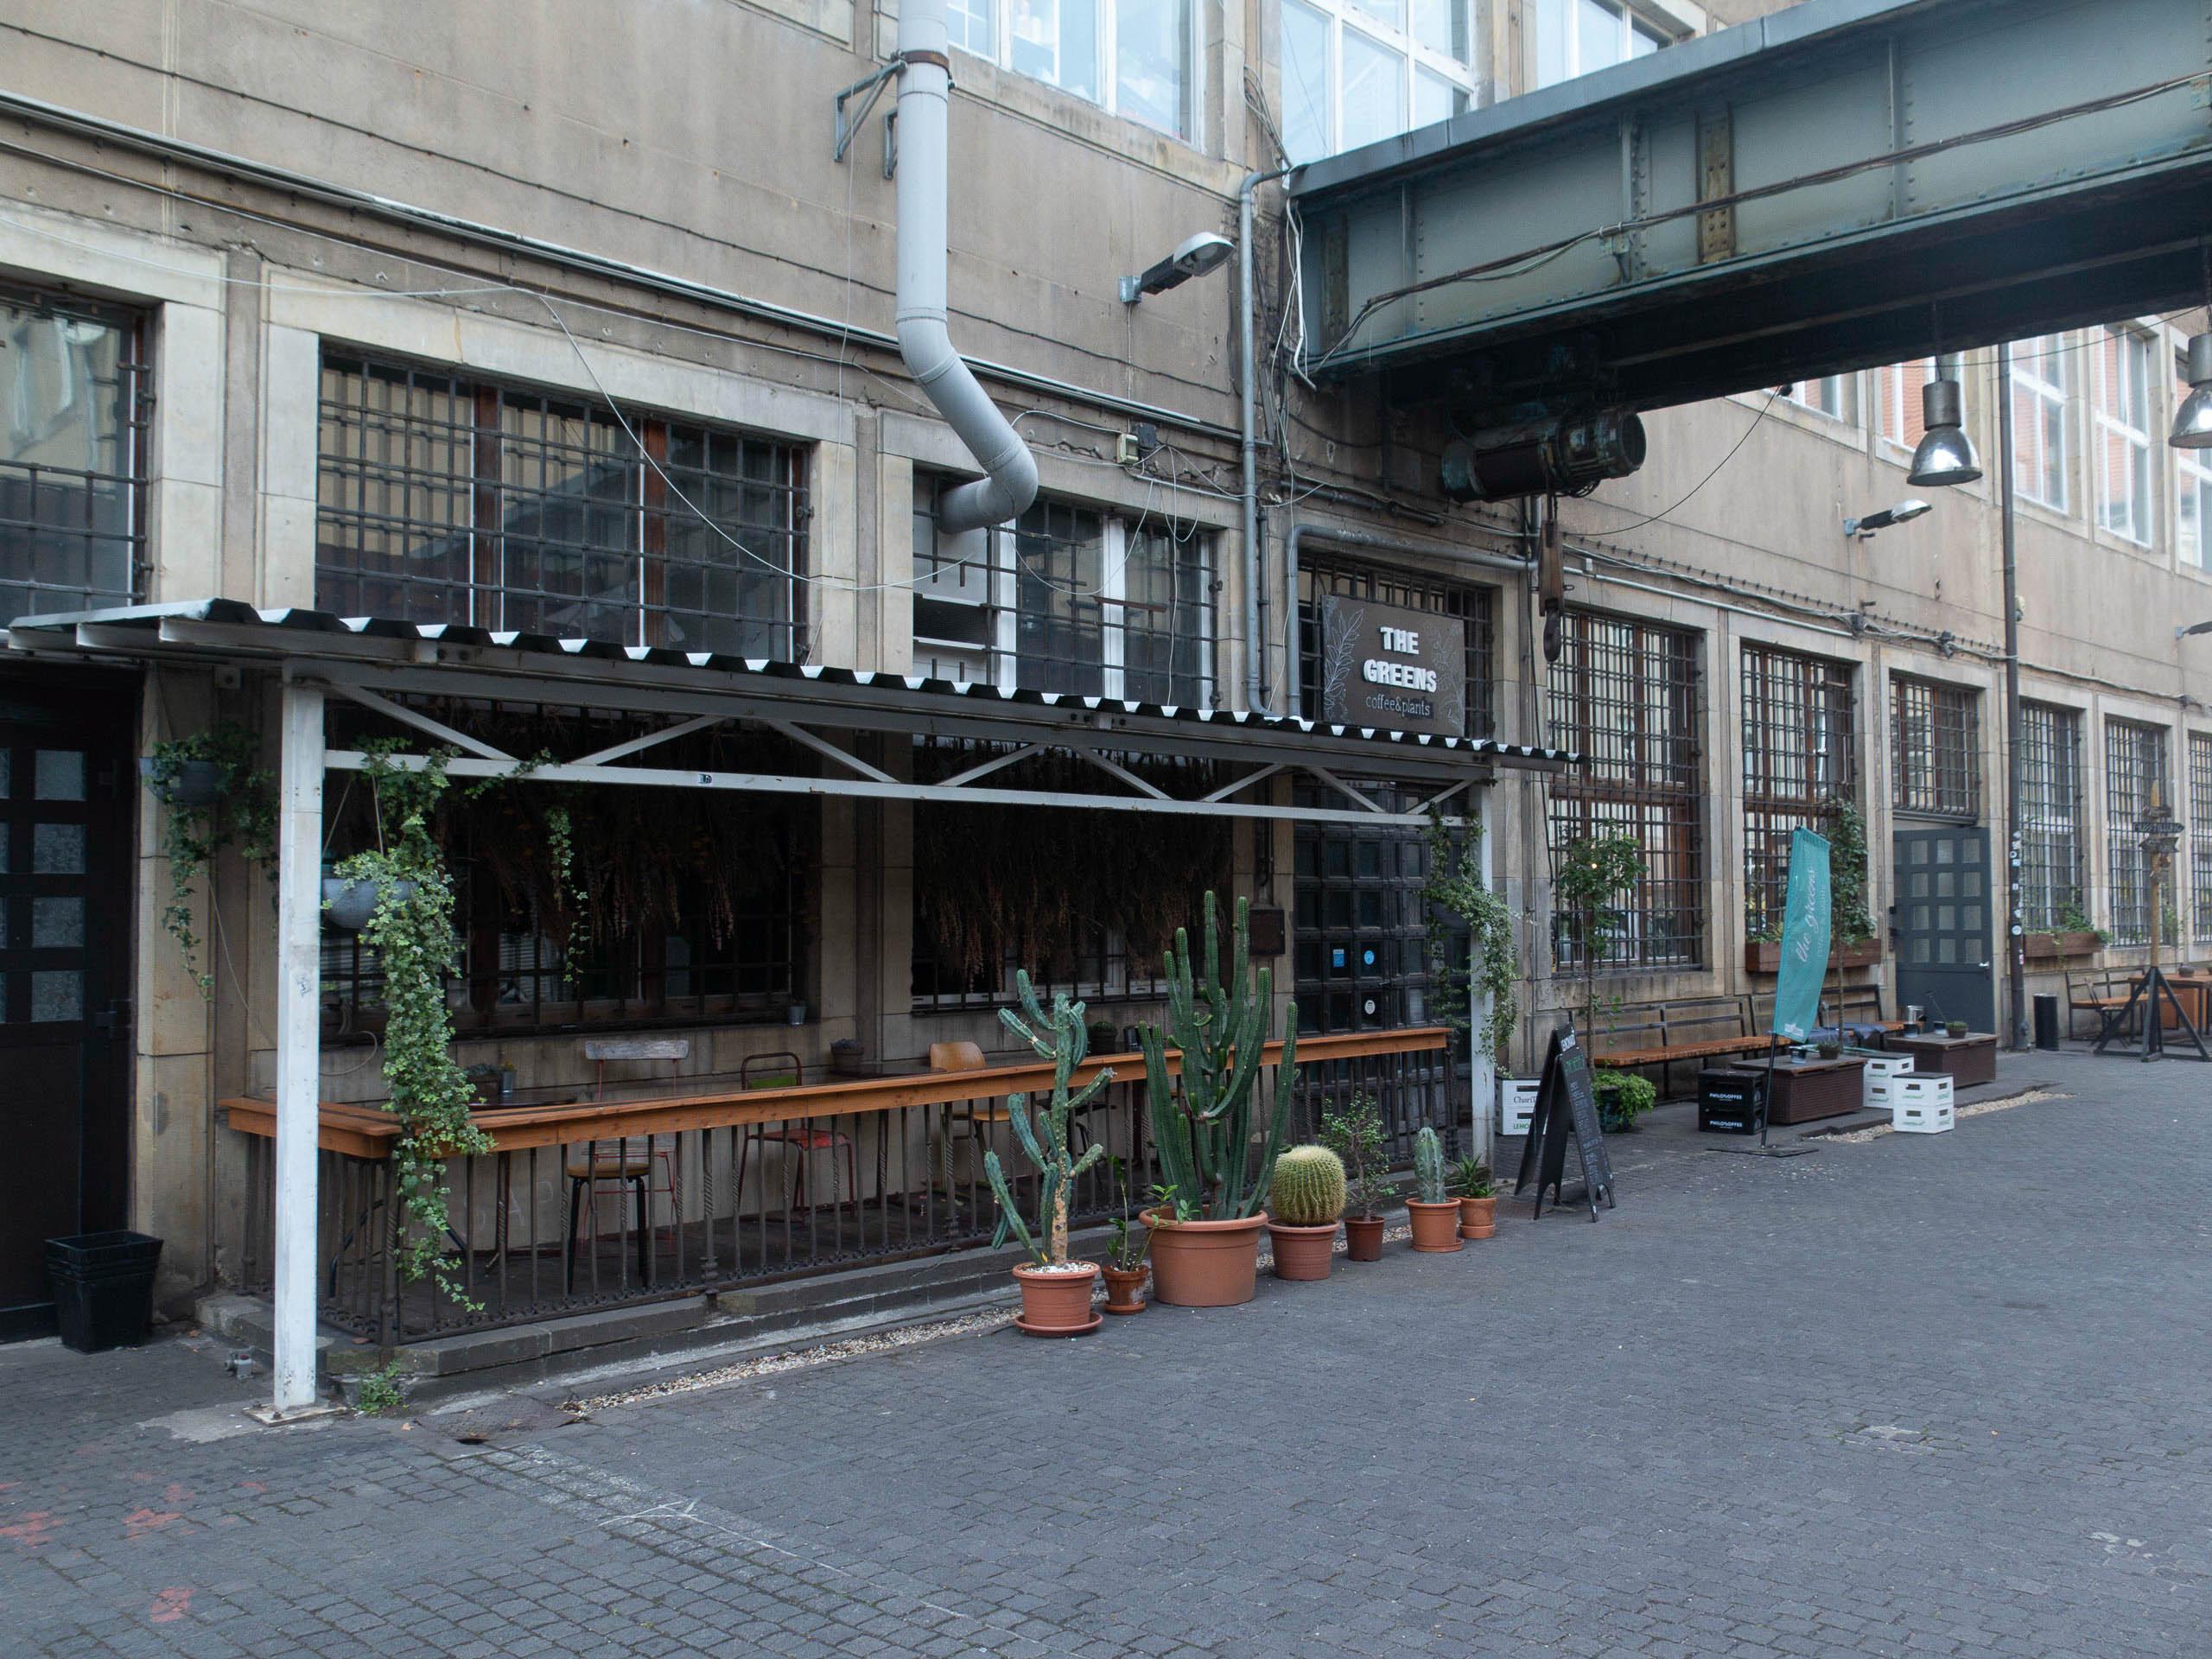 Außenansicht Cafe The Greens, überdachte Terrasse davor mit Stühle, vor der Terasse Pflanzen, industrial